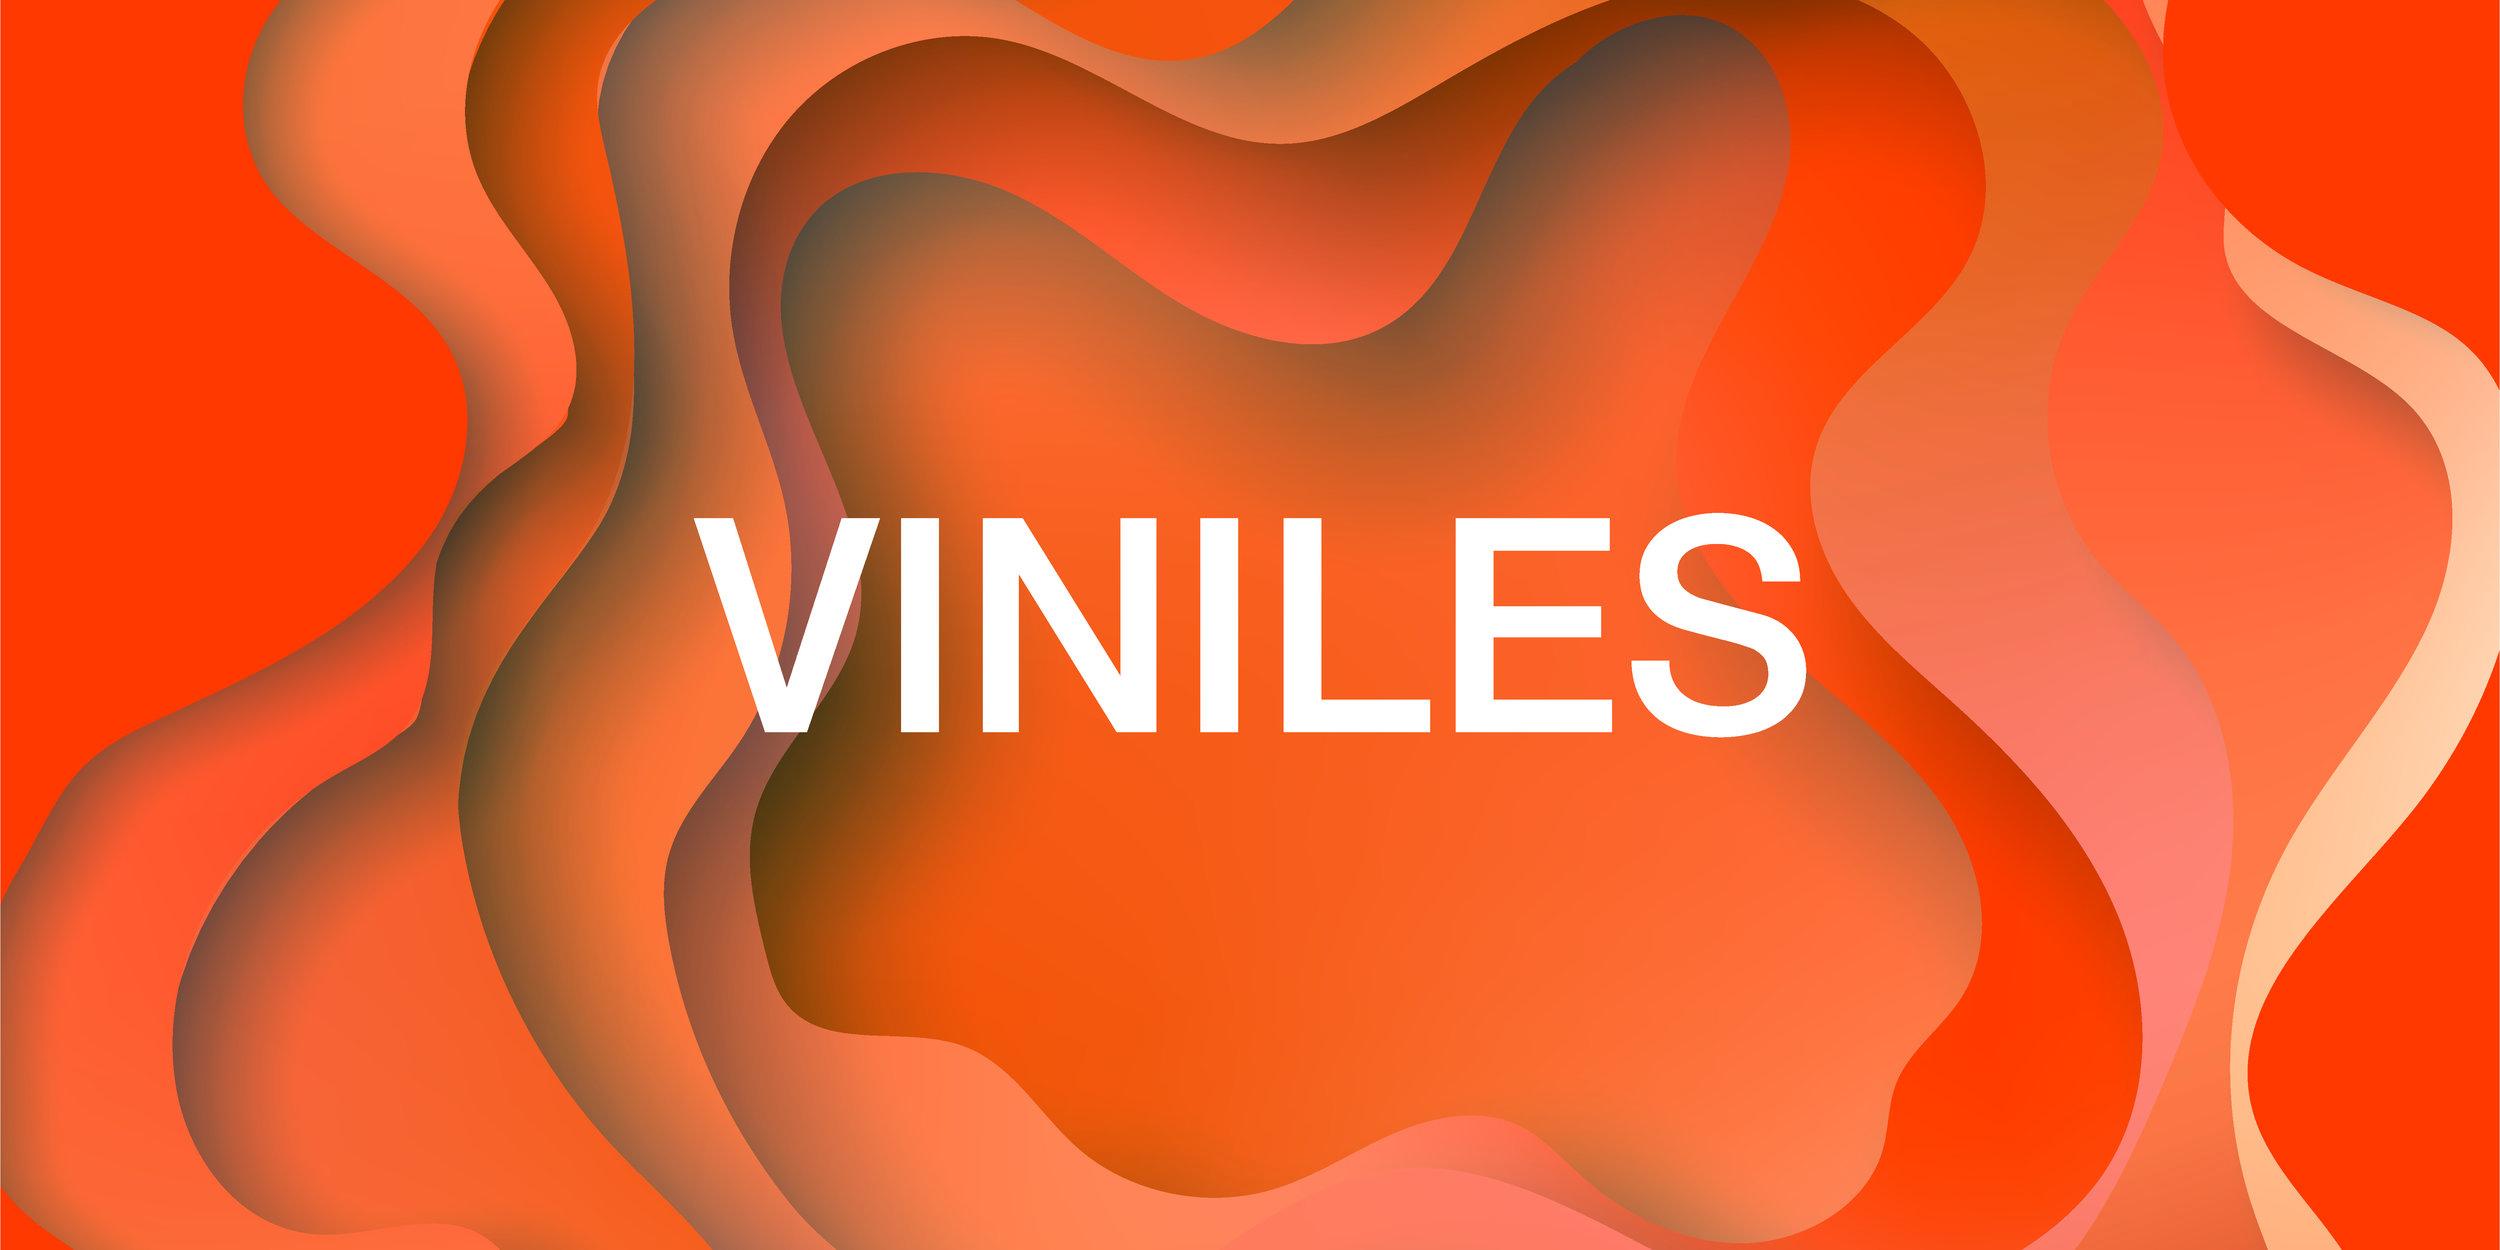 VINILES-08.jpg